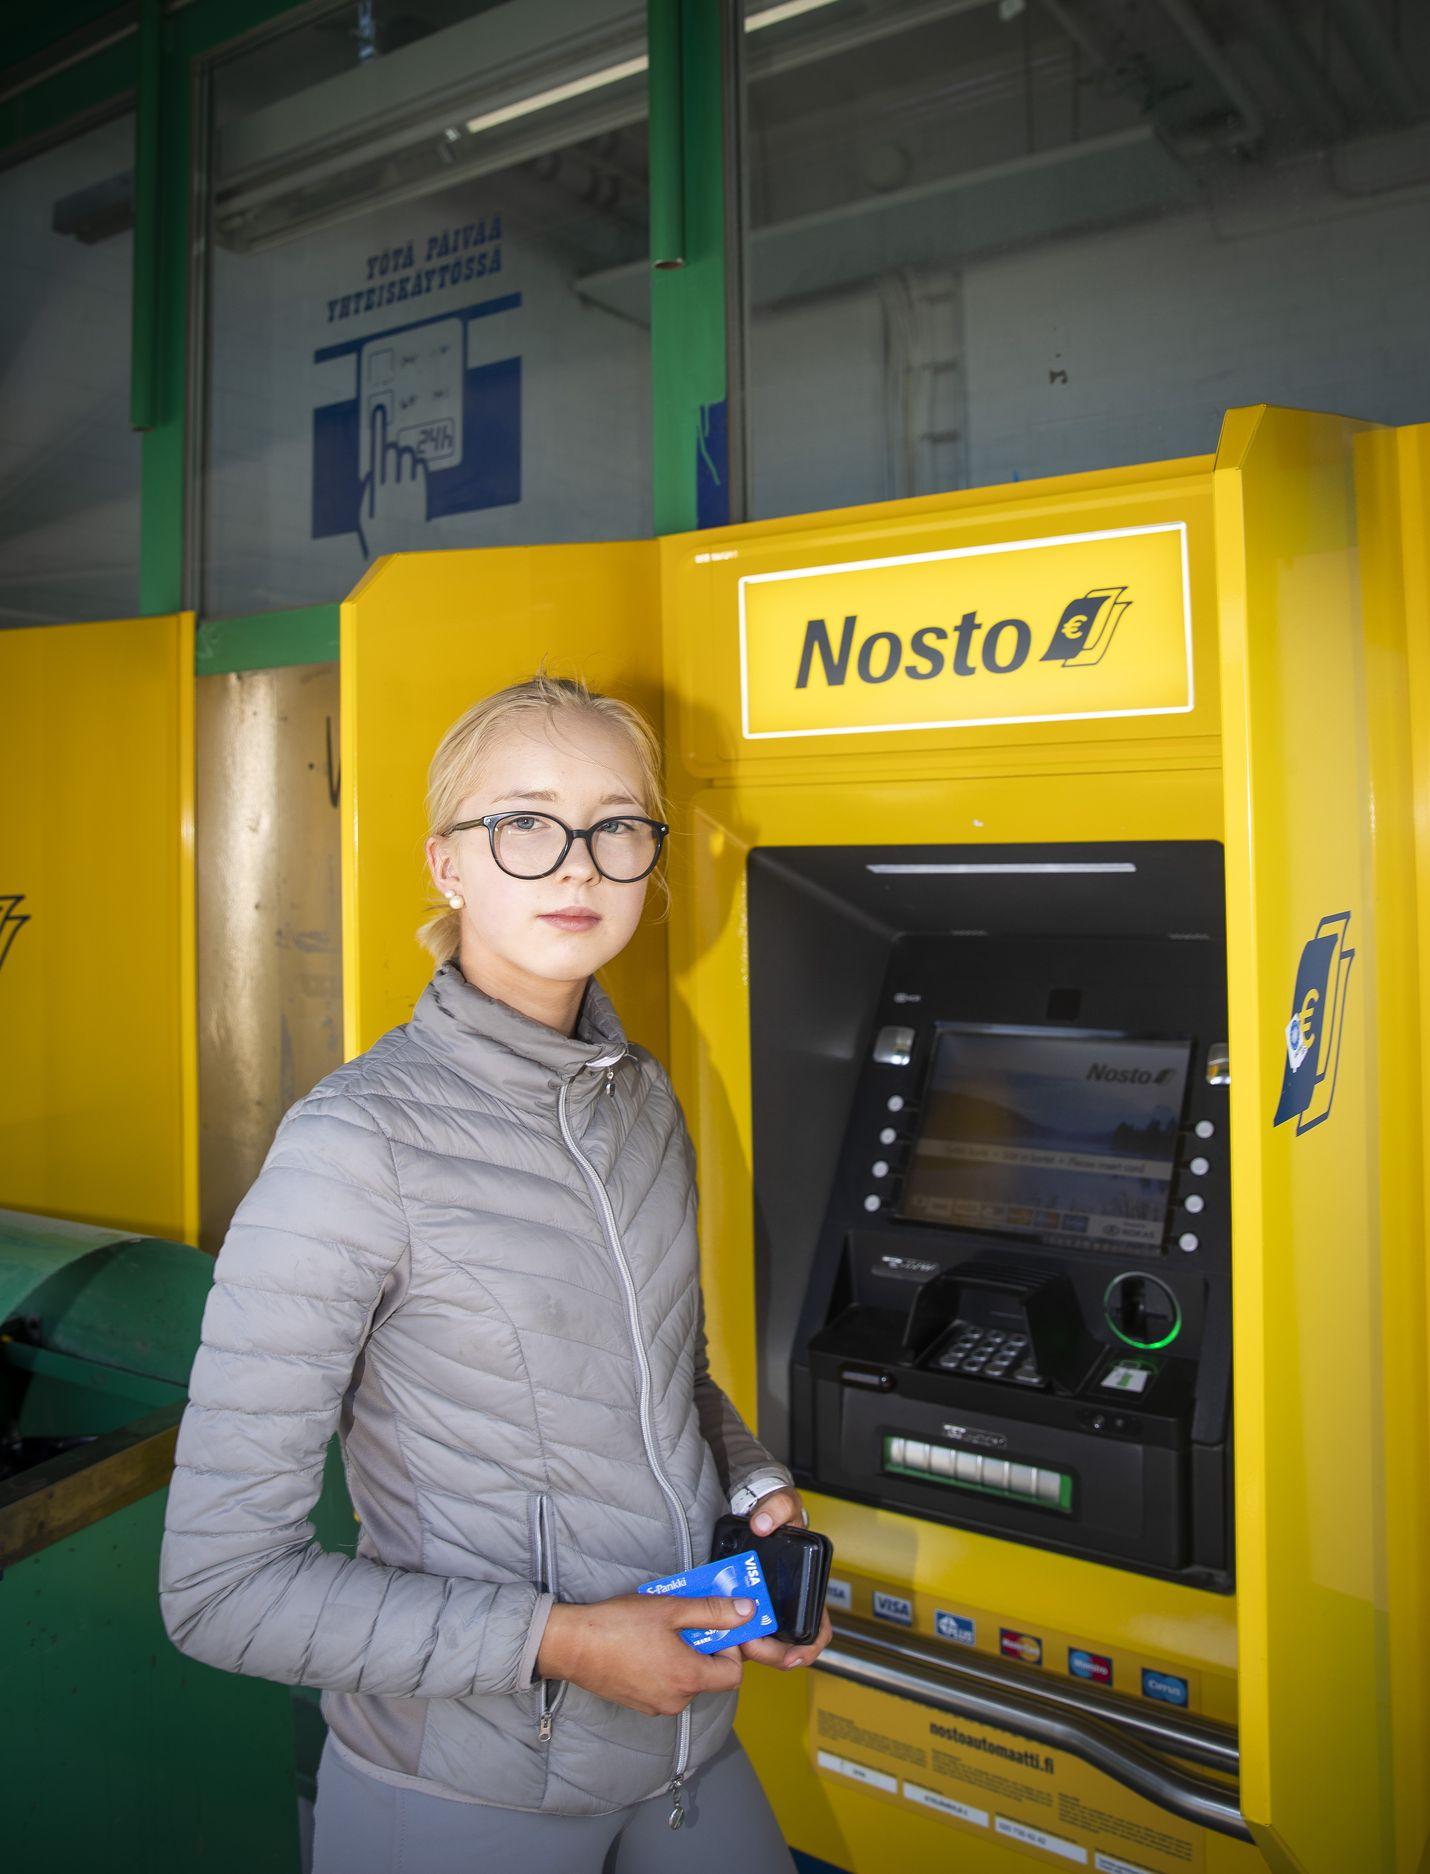 Pankkiautomaatilla asioinut porilainen Saara Leinon, 16, maksaa ostoksensa lähes poikkeuksetta kortilla.  Koronakevään aikana se on korostunut entisestään. Käteisen hyvä puoli on se, että sitä käyttää harkitummin, kun raha on konkreettisesti olemassa. Minulle ei olisi silti ongelma, vaikka käteinen poistuisi kokonaan käytöstä.